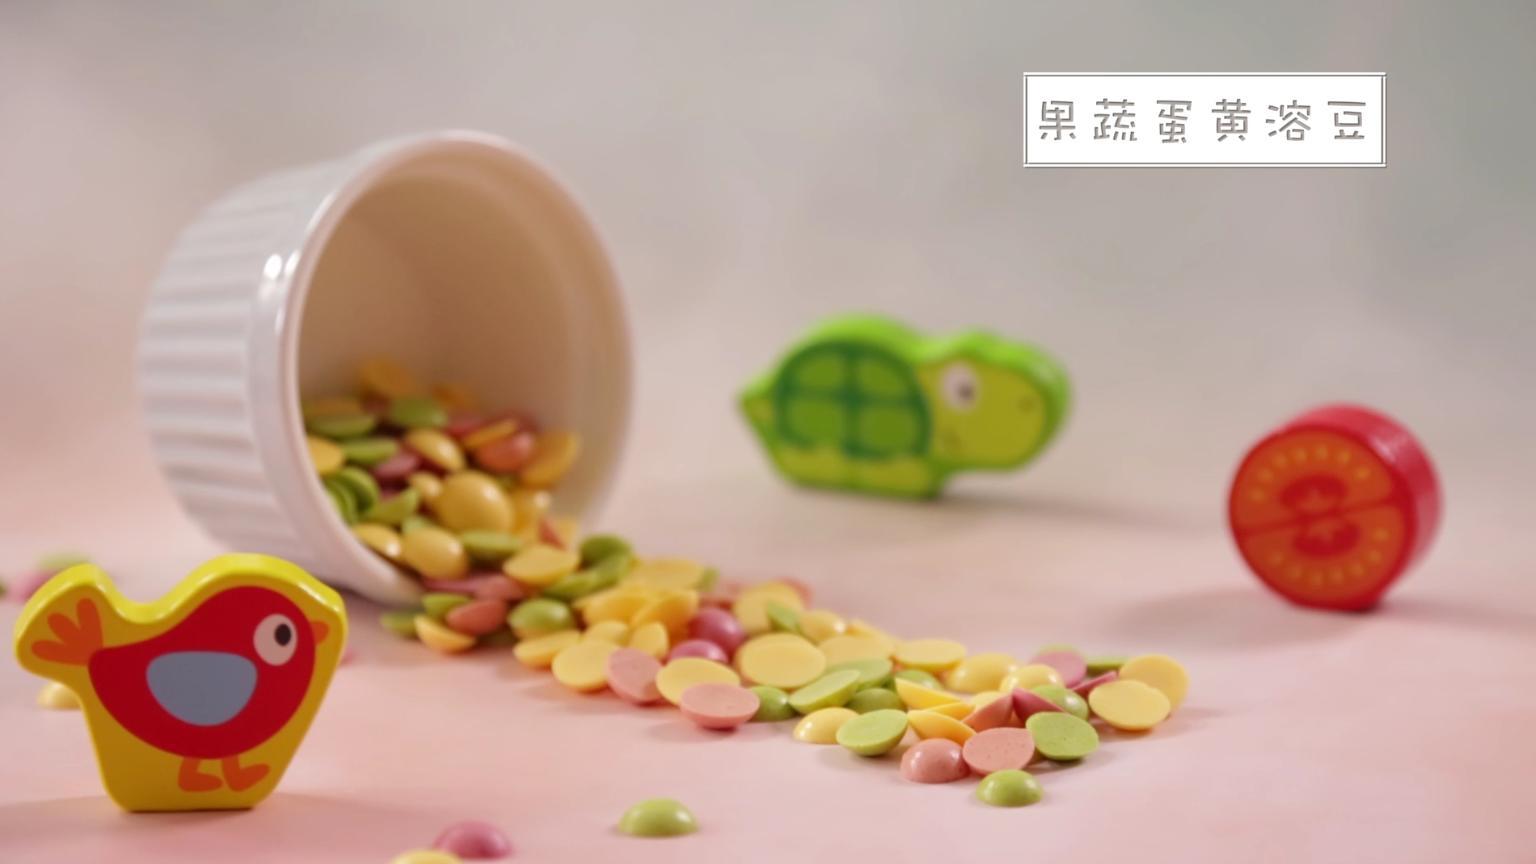 果蔬蛋黄溶豆,给宝宝的生活添点色彩吧~